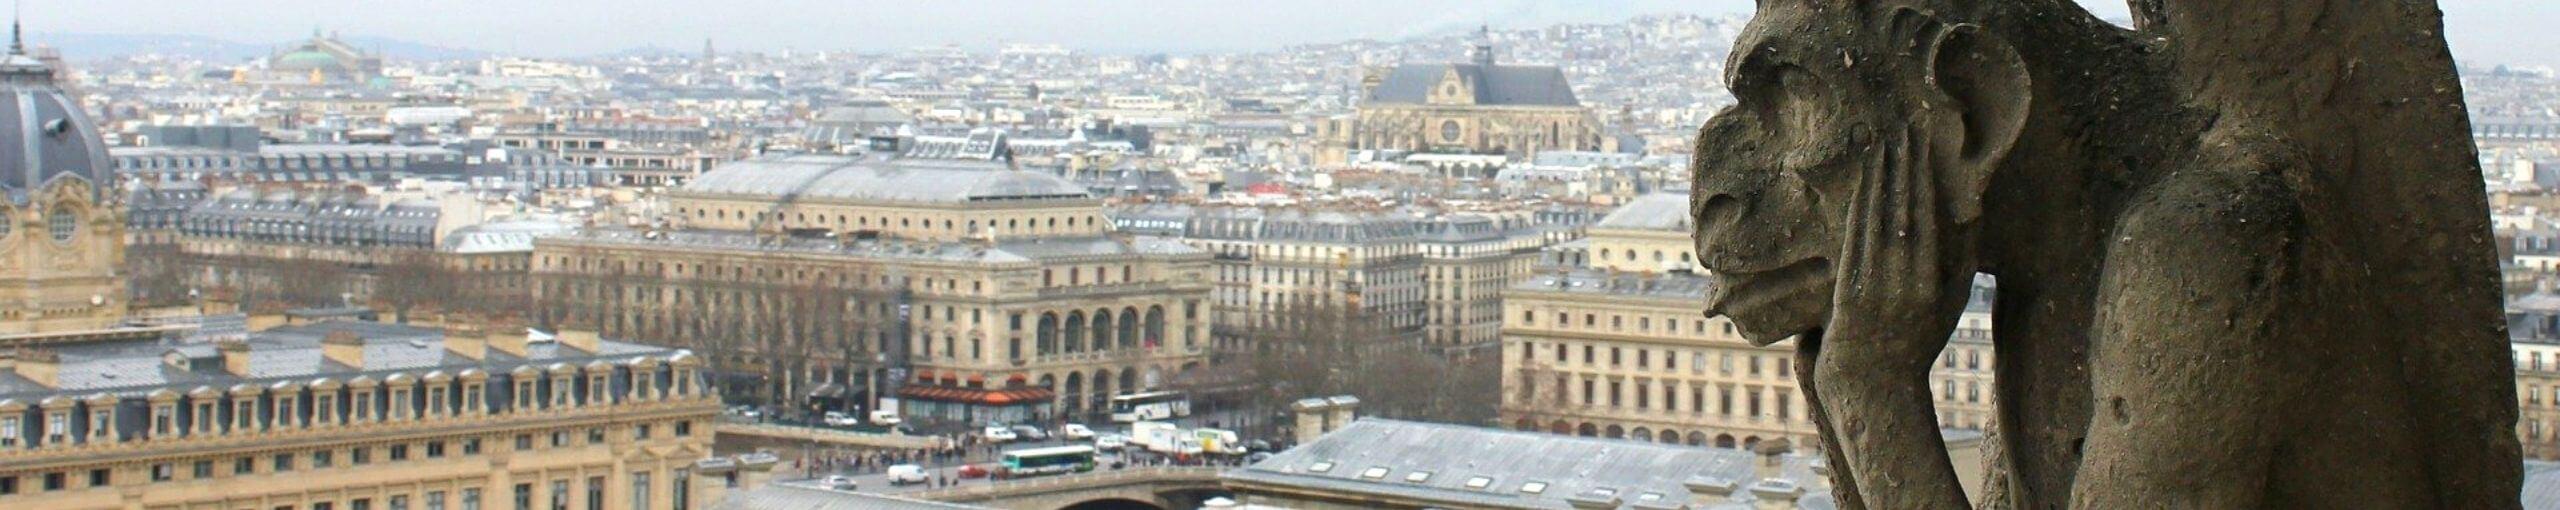 Gárgola Catedral de Notre Dame, París. Francia.